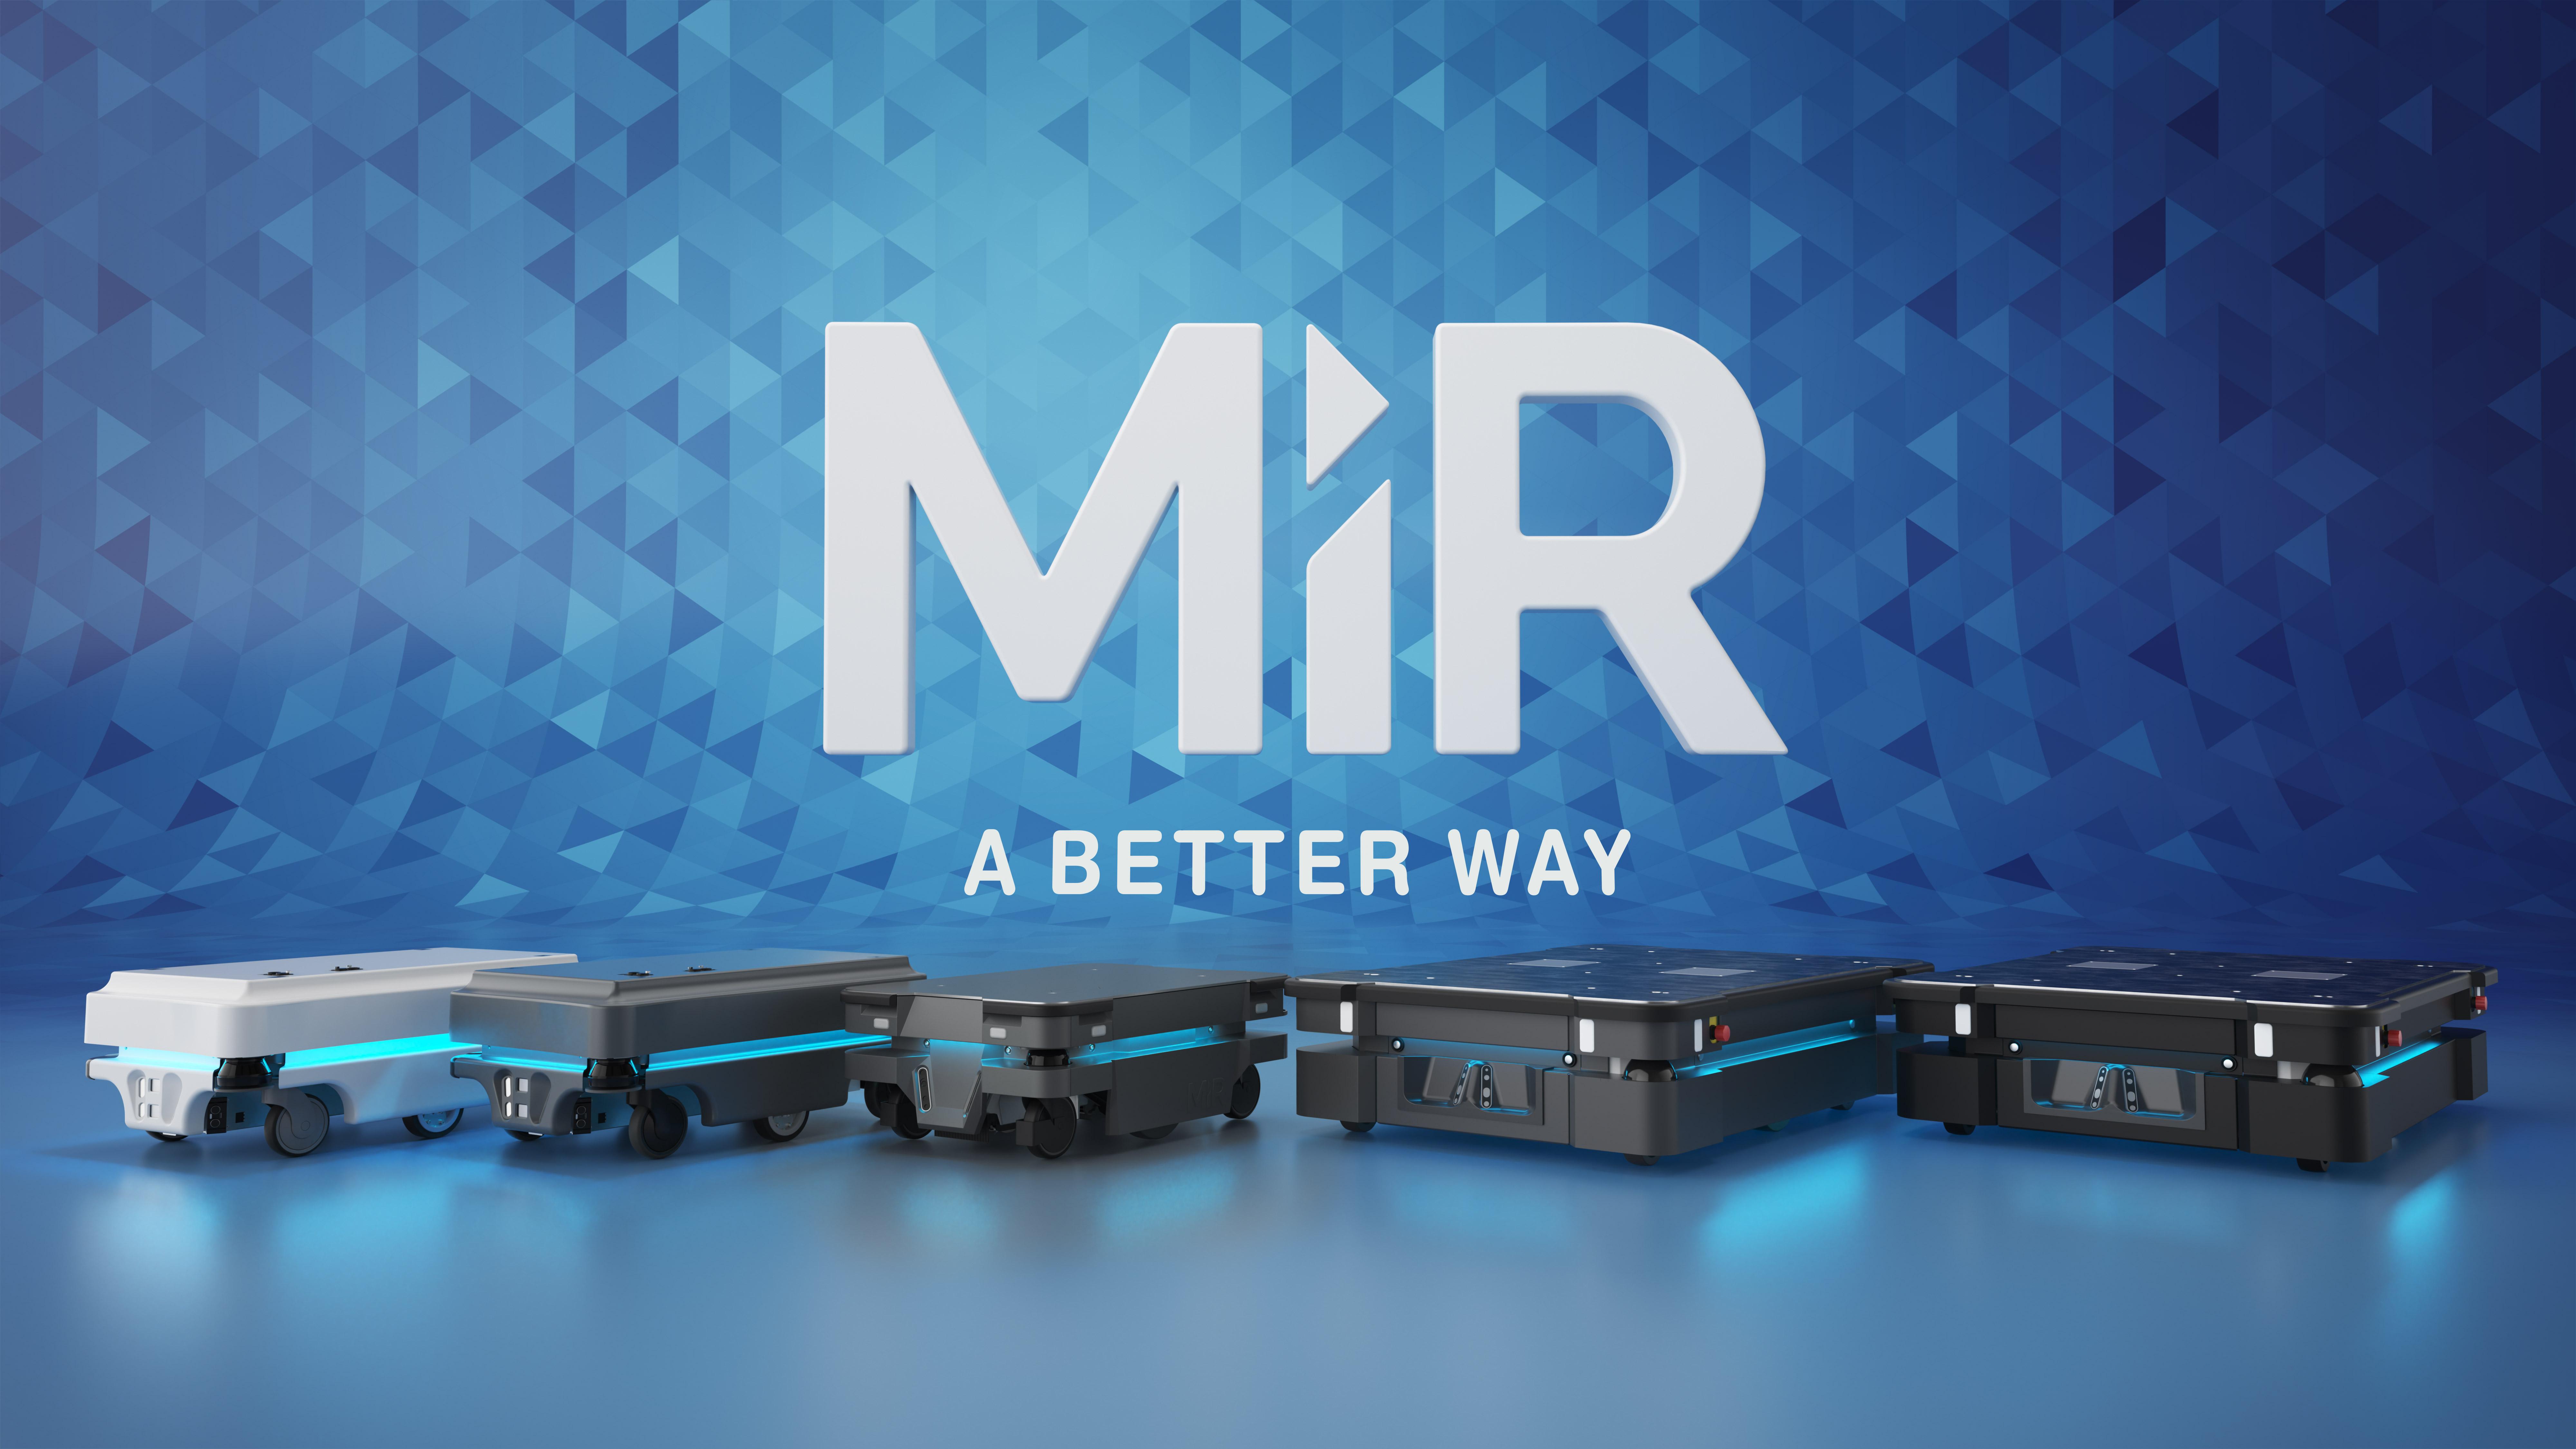 MiR壮大产品阵容  推出MiR250自主移动机器人 更快、更敏捷  提升内部物流效率